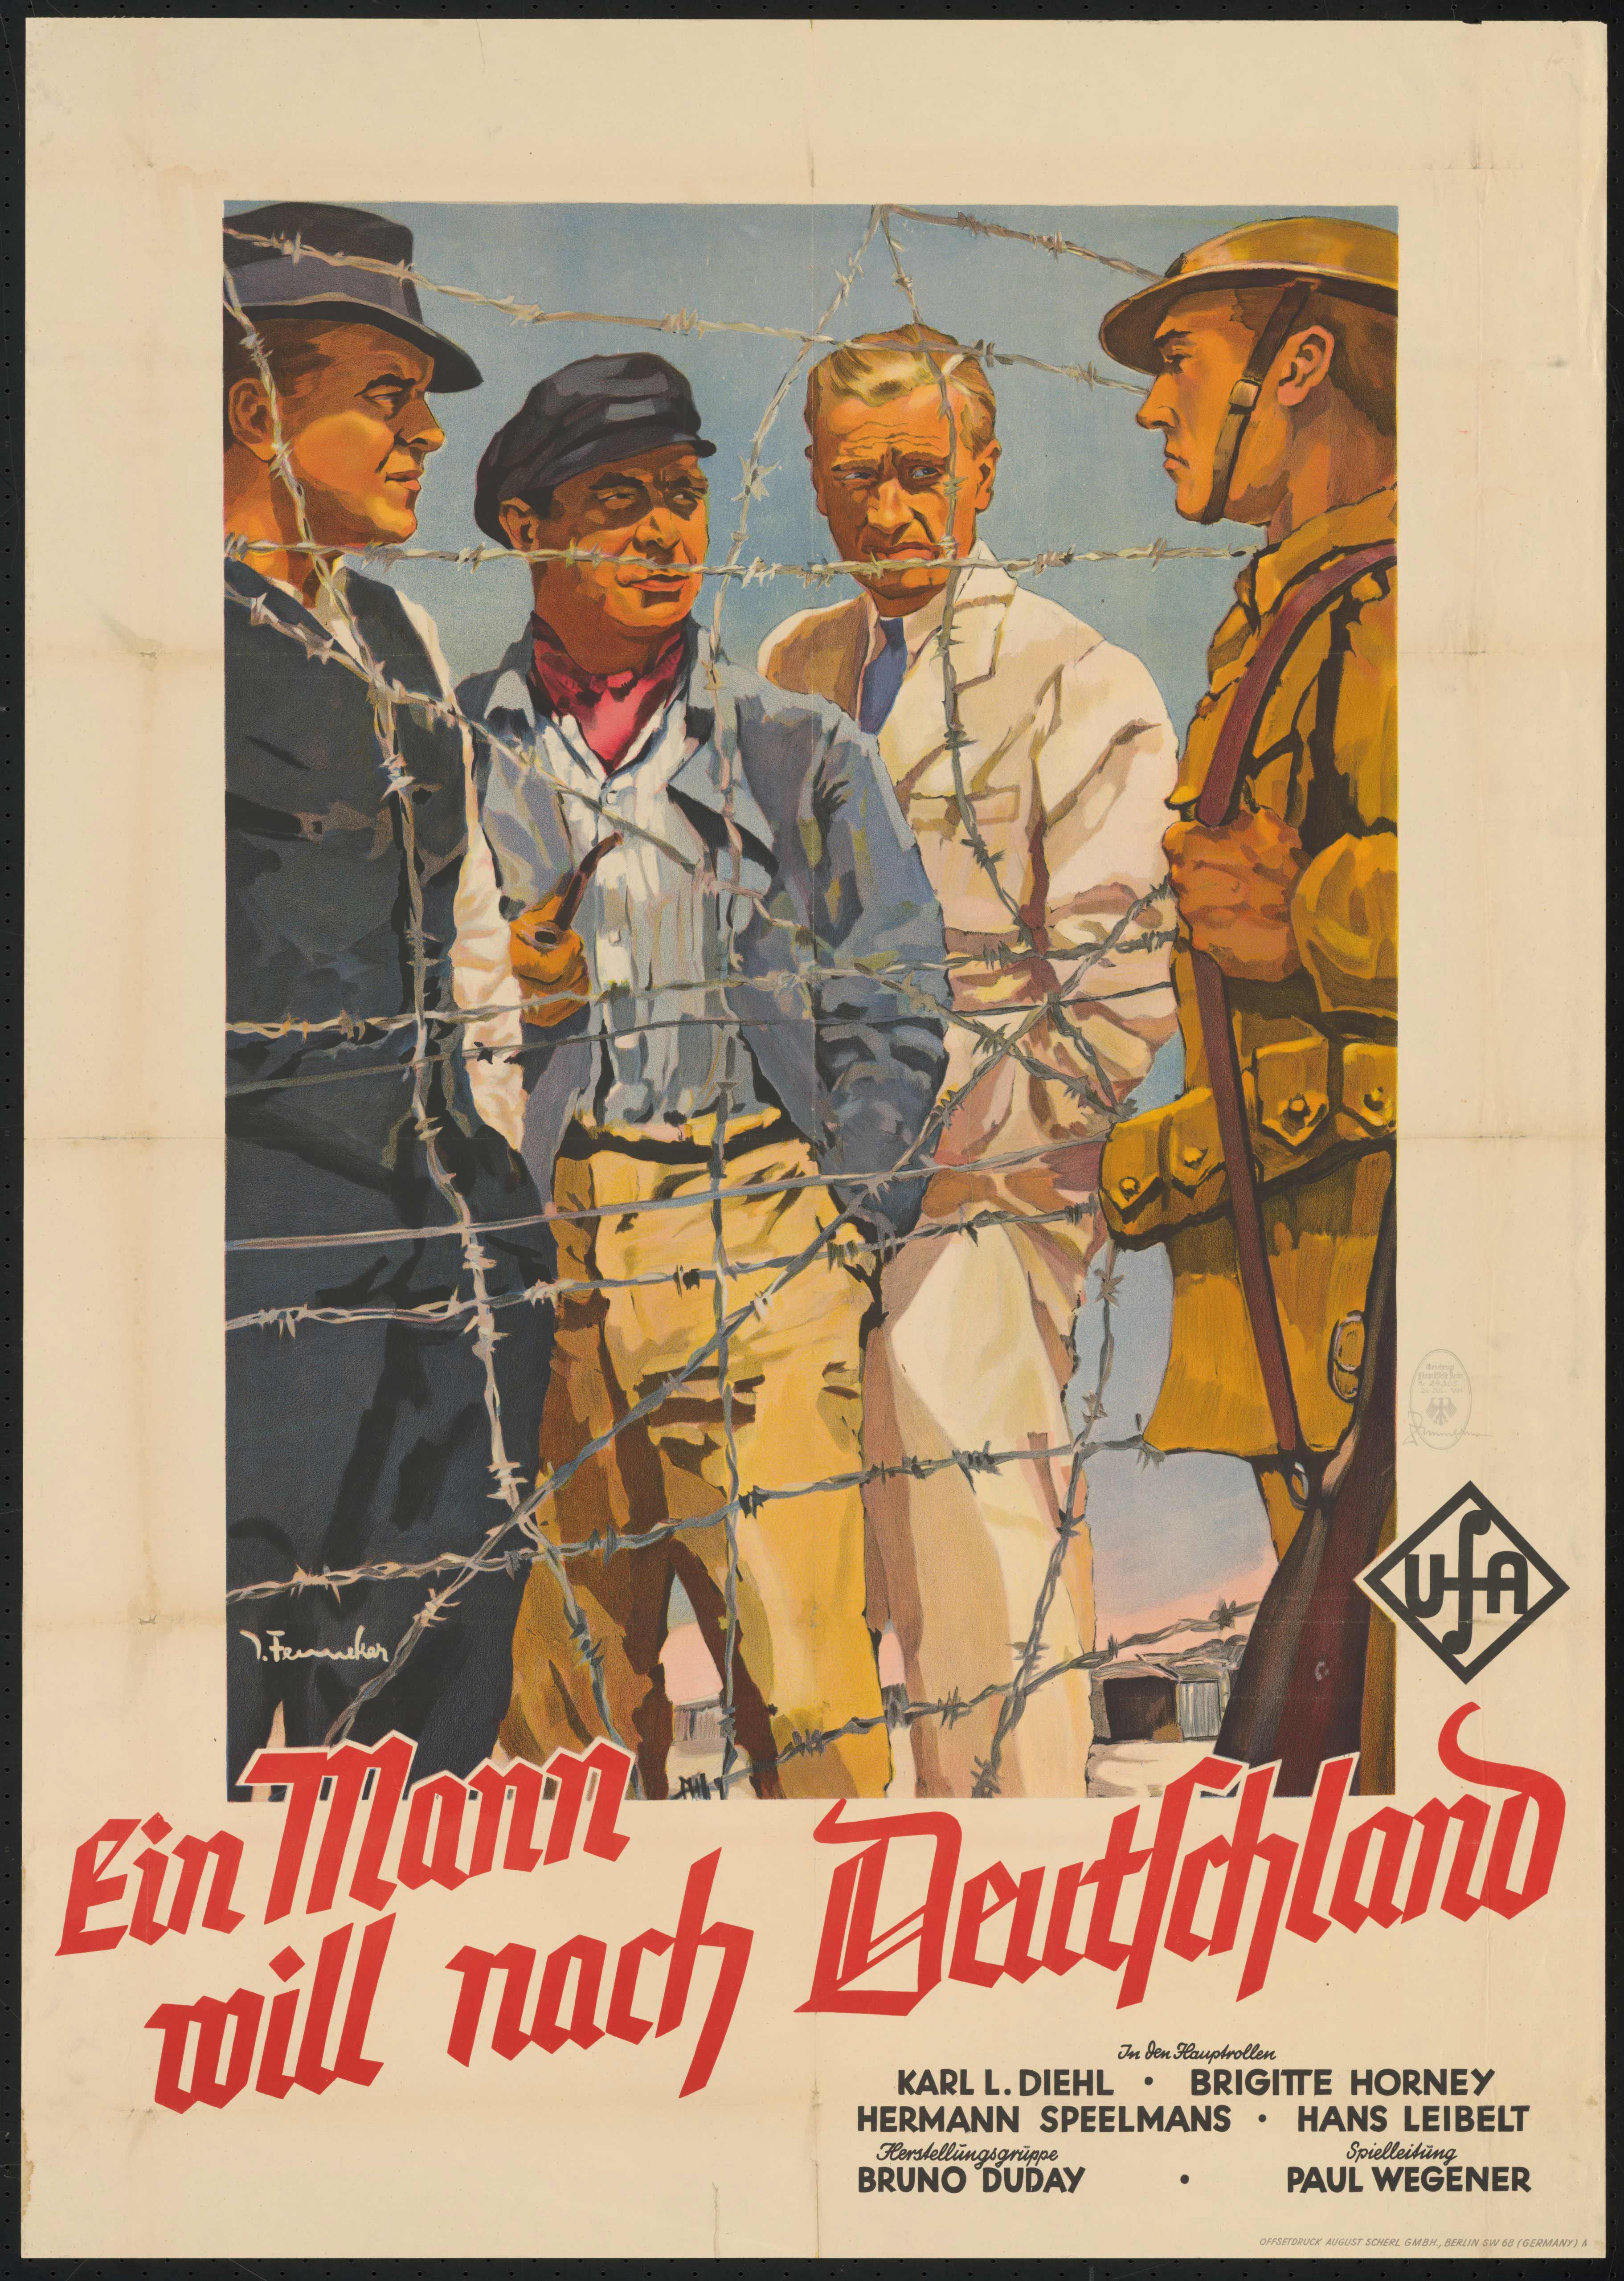 Film poster by Josef Fenneker: Ein Mann will nach Deutschland, Germany 1934, directed by Paul Wegener